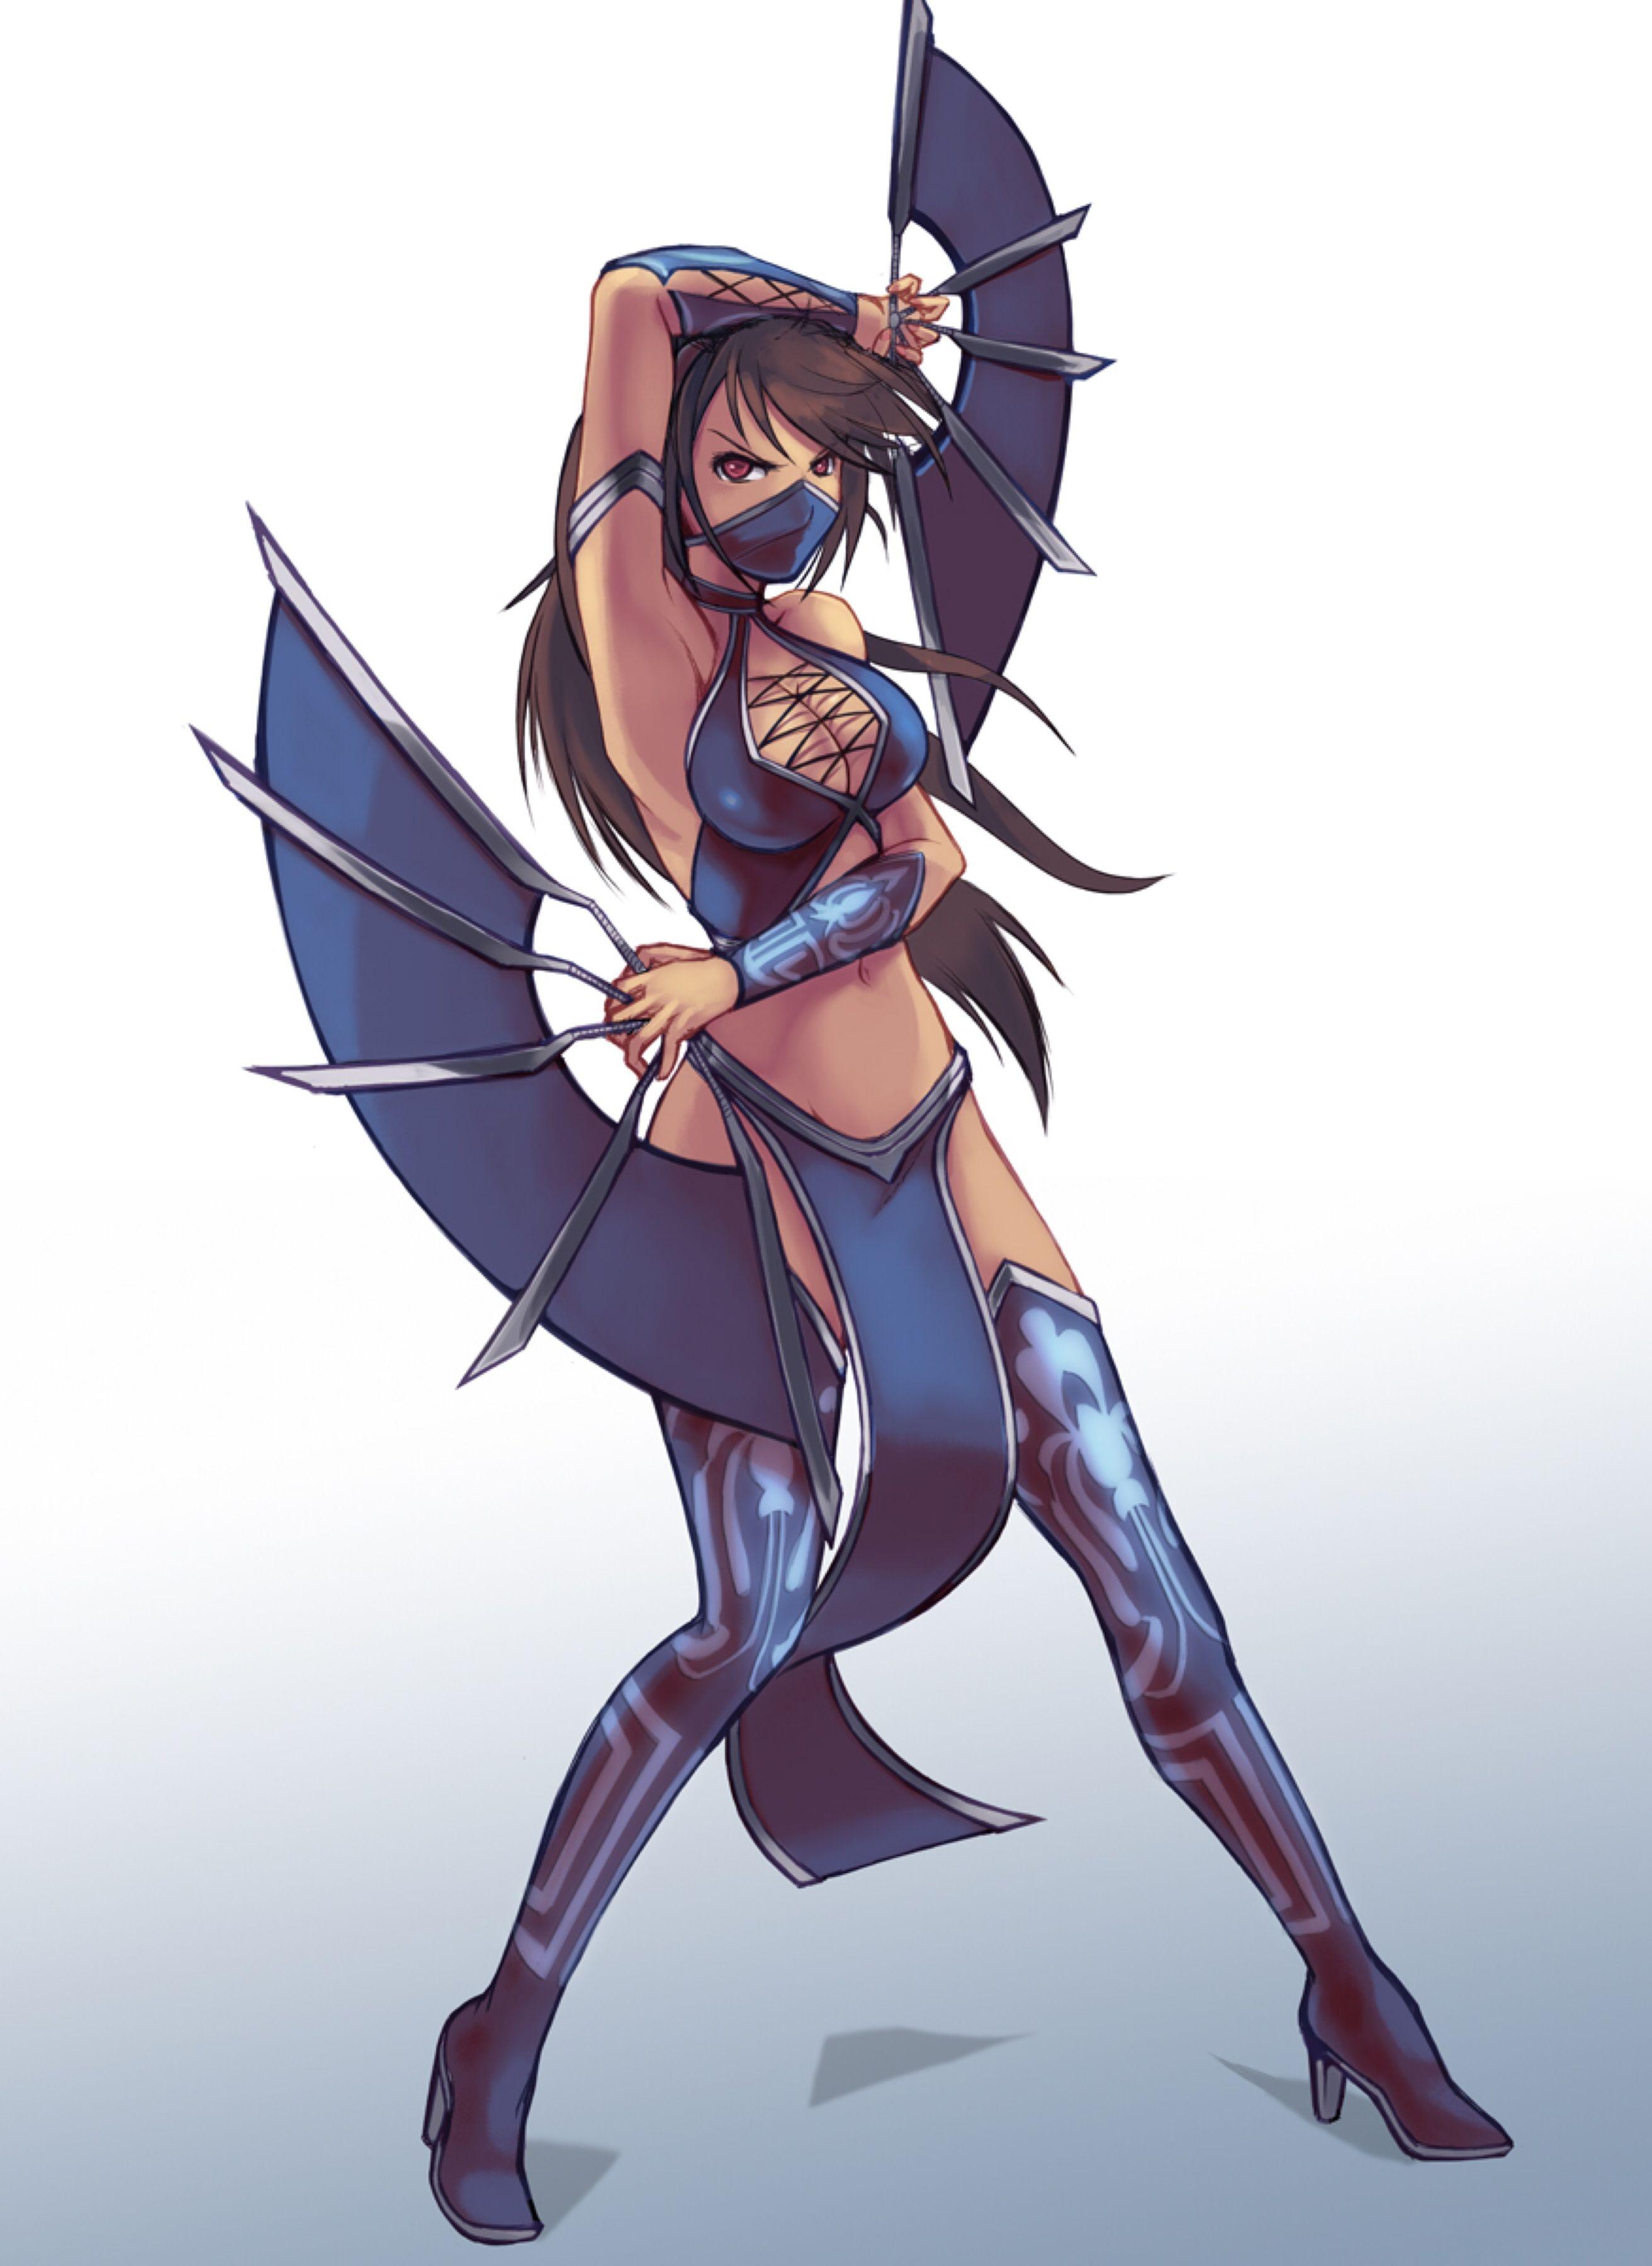 Princess Kitana From Mortal Kombat By Nick Savino Personagens De